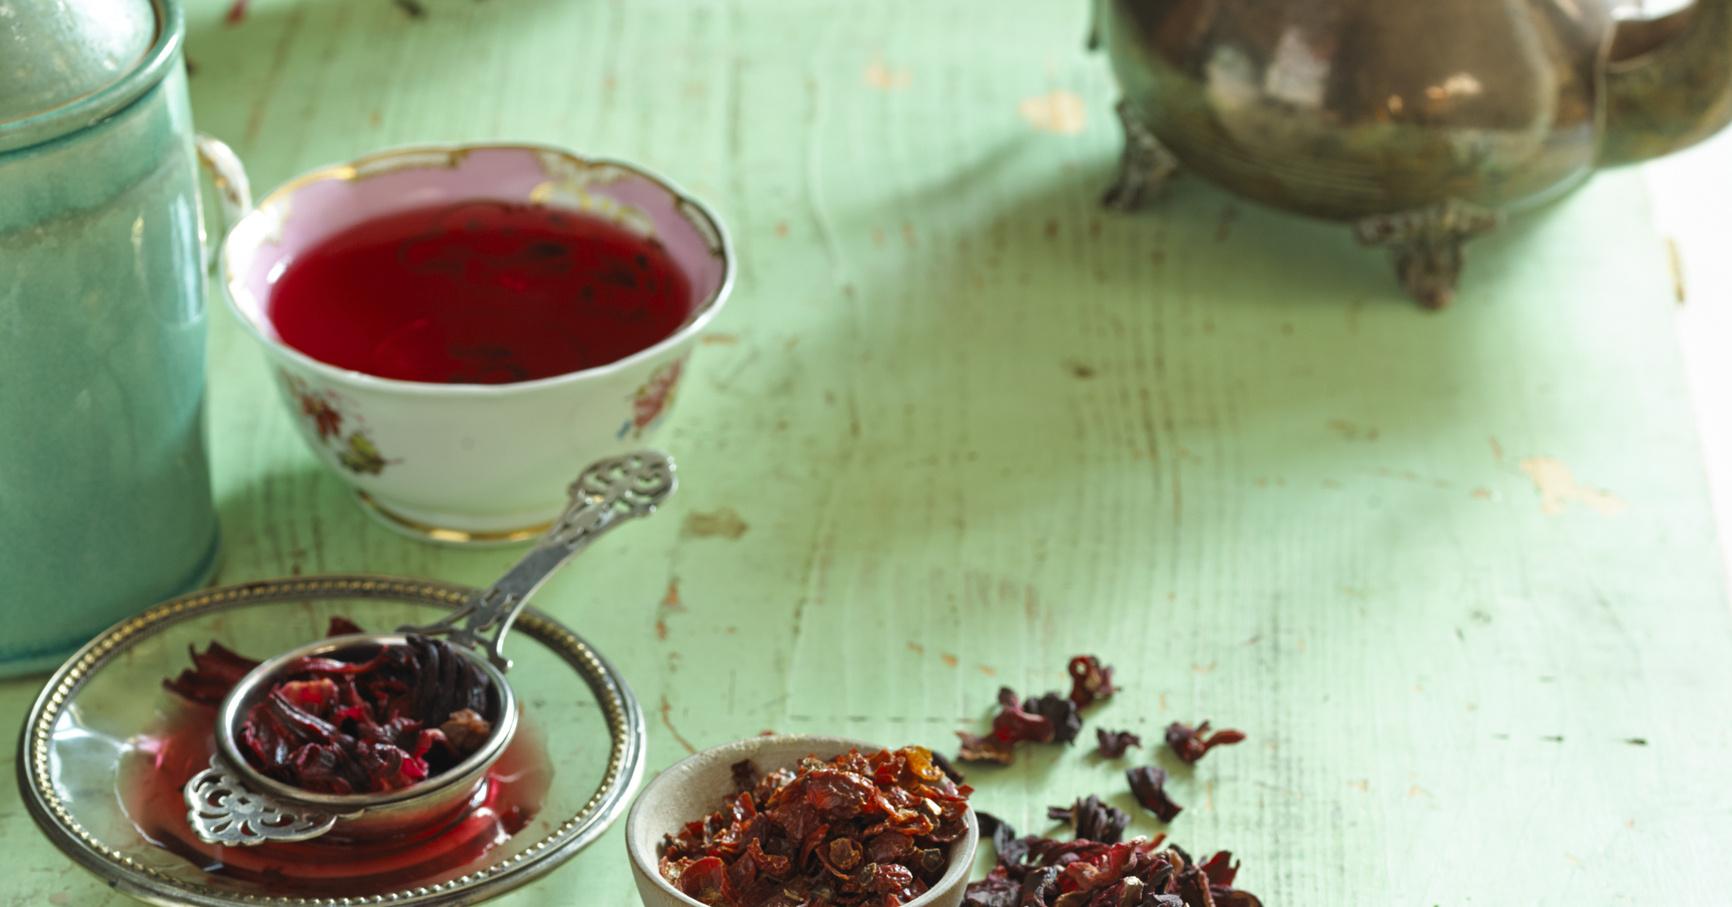 Как за варить чай с шиповником